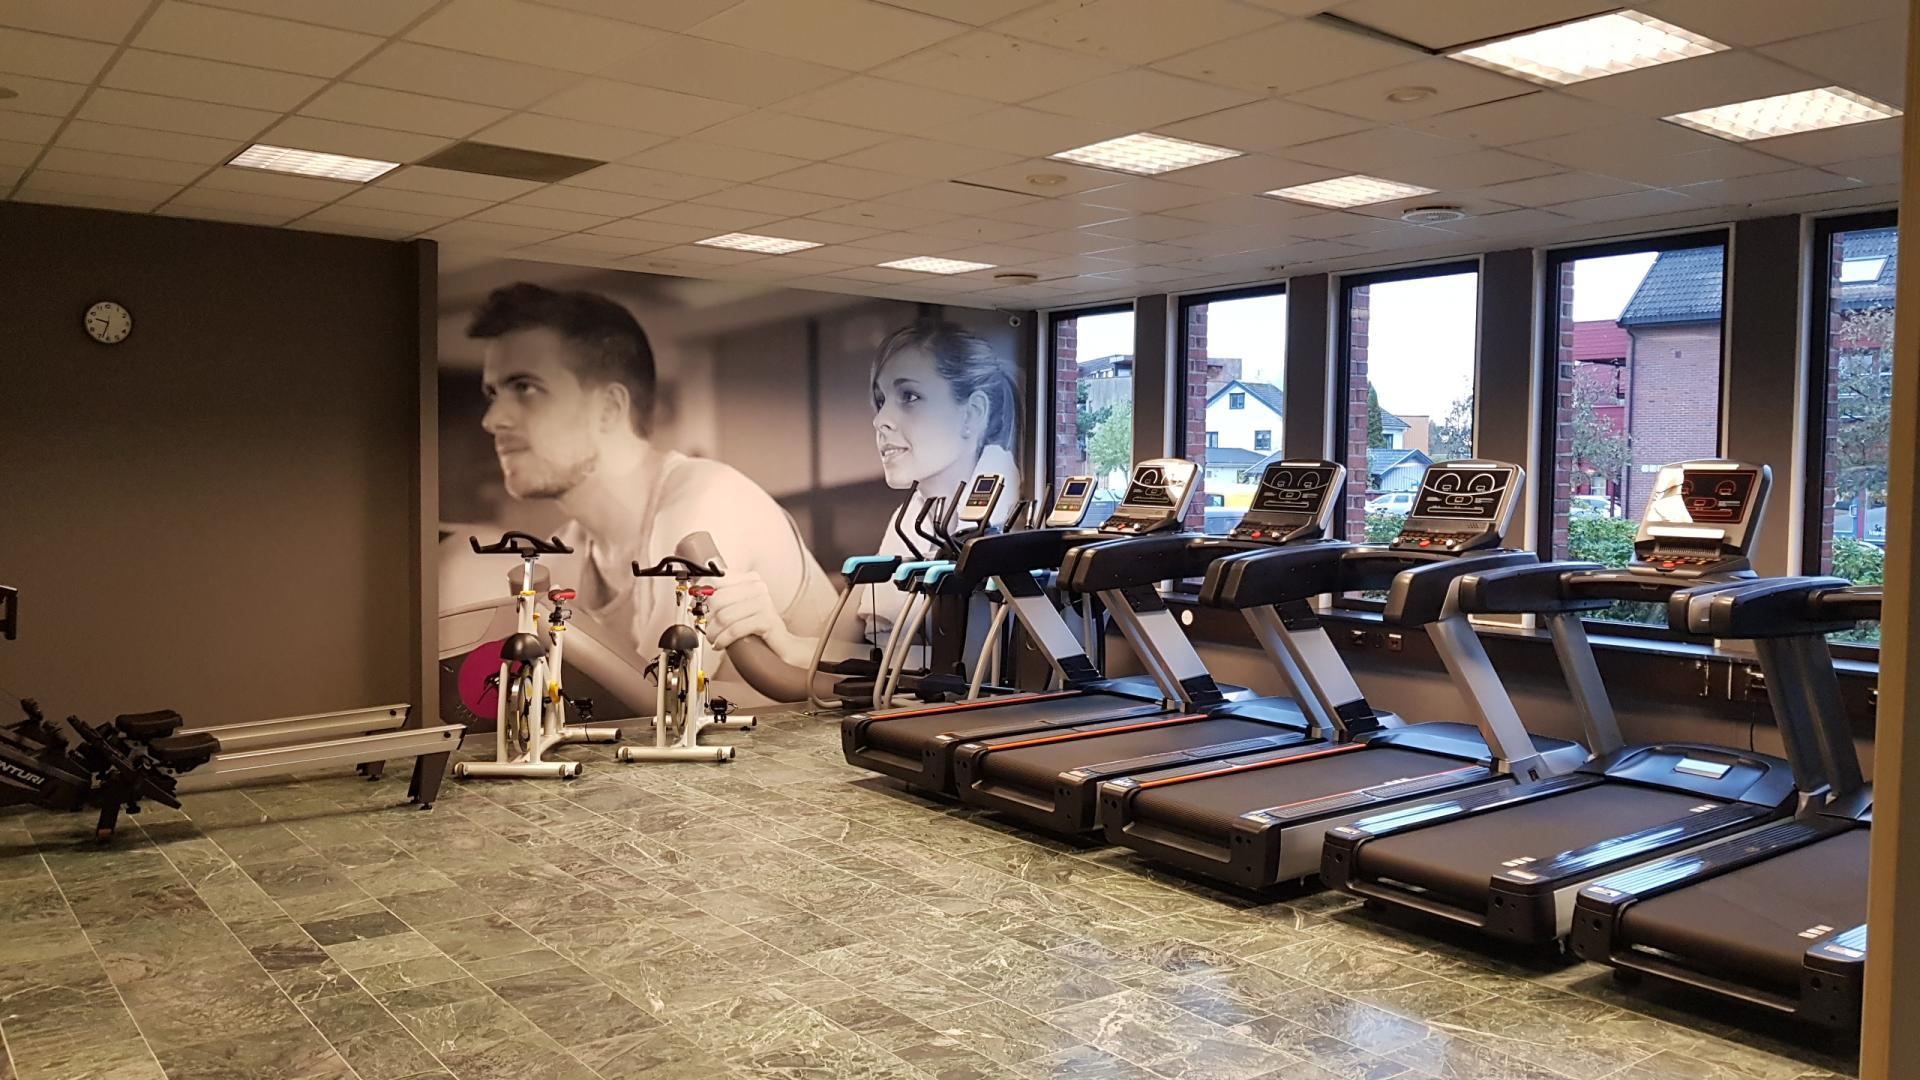 fitnesspoint-stjordal-image